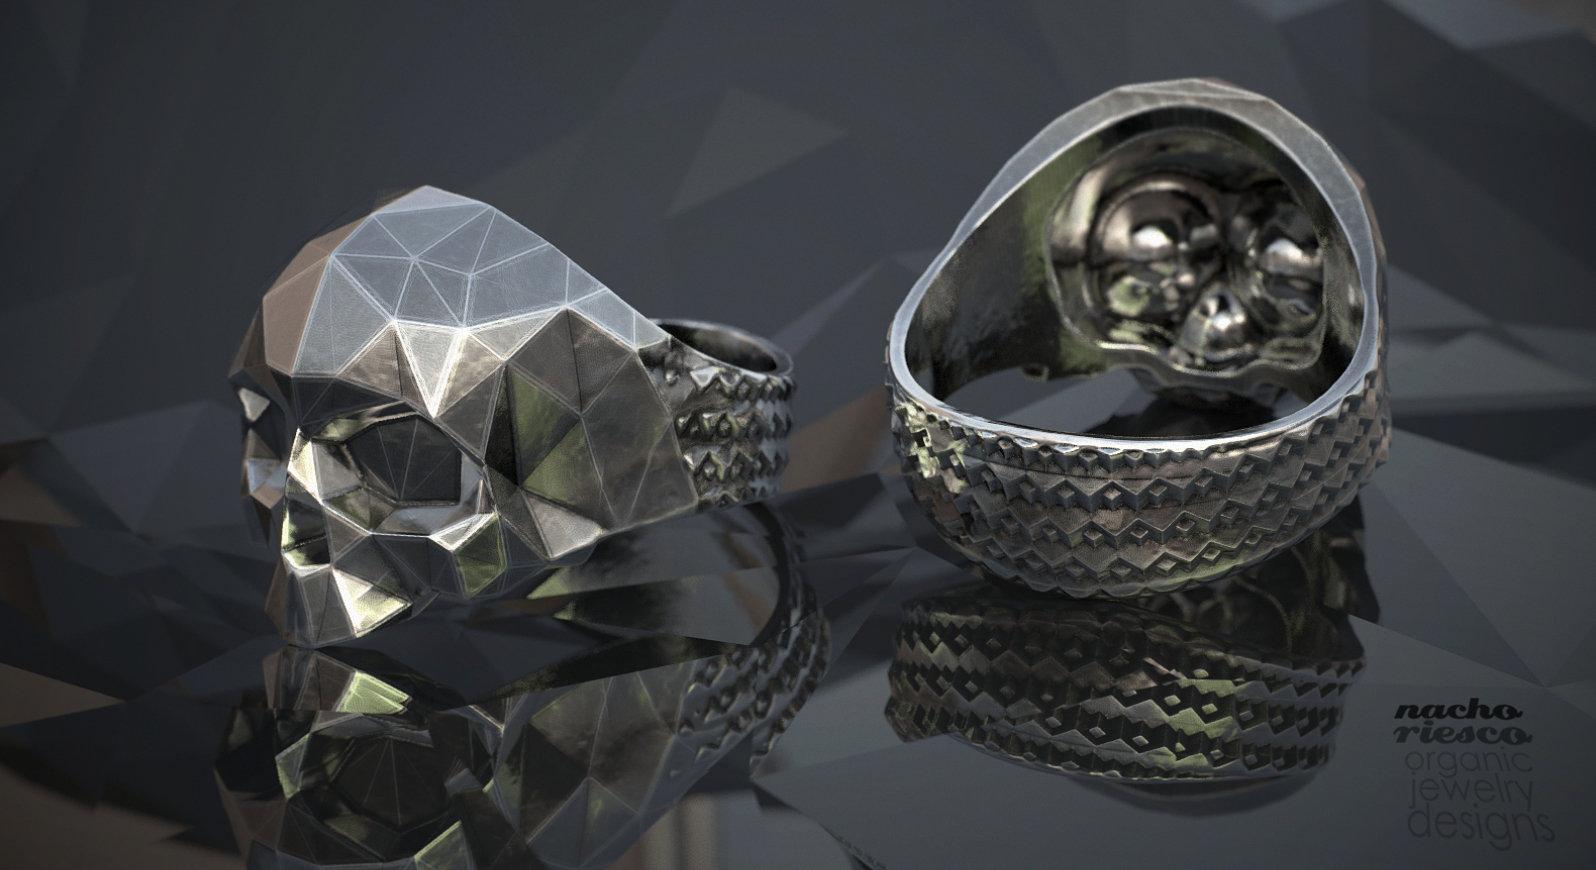 Nacho riesco gostanza polygonal skull ring bynachoriesco ksr